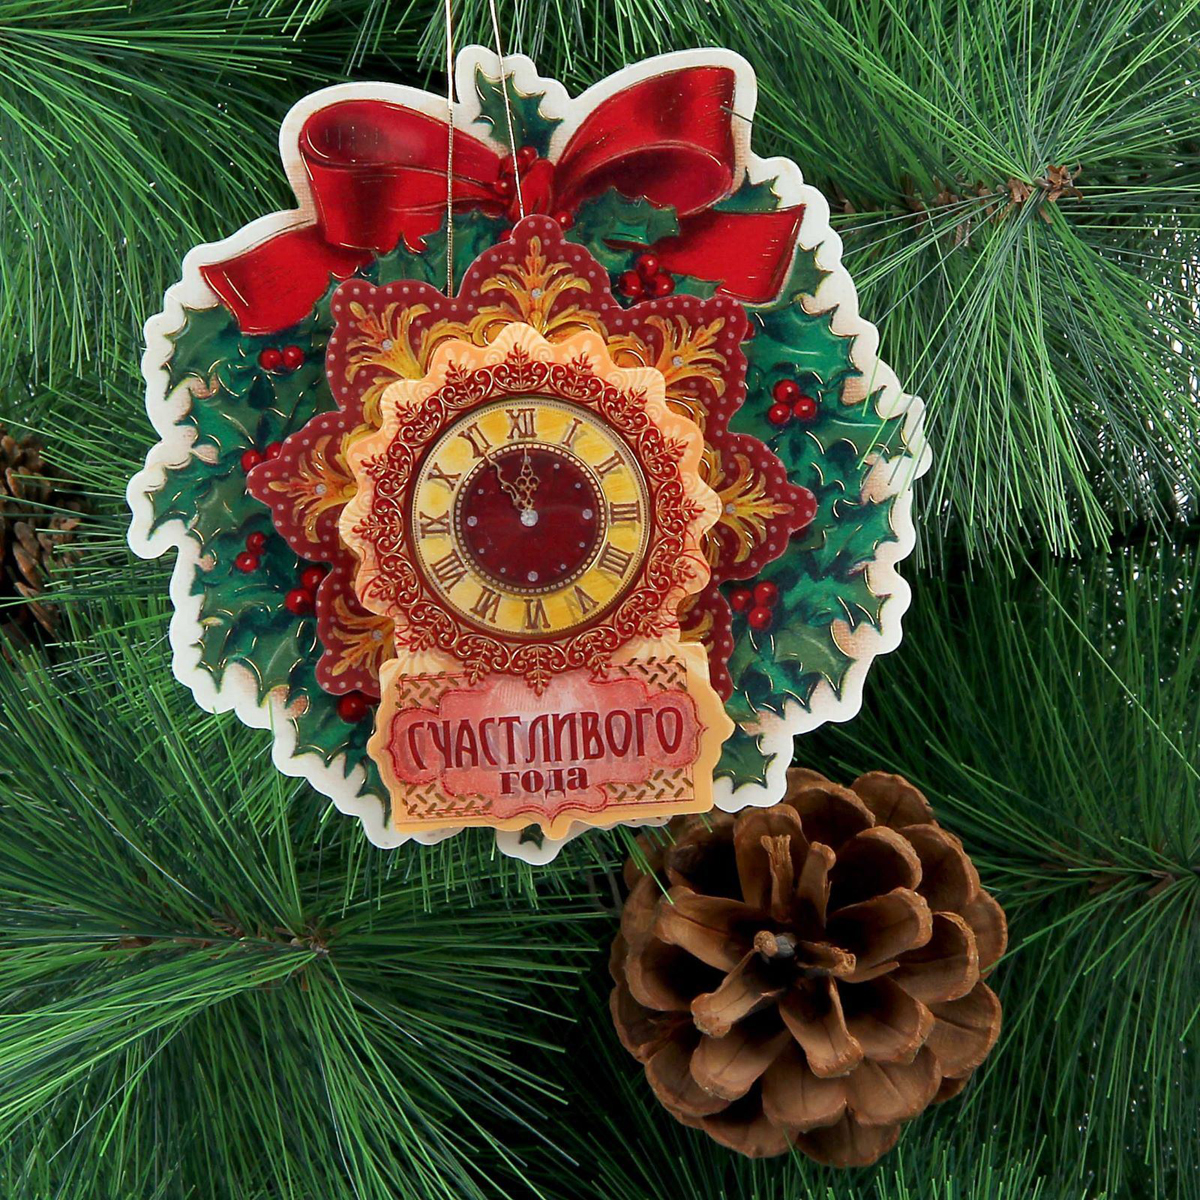 Новогоднее подвесное украшение Sima-land Счастливого года, 10,8 х 11 см1364356Новогоднее украшение Sima-land отлично подойдет для декорации вашего дома и новогодней ели.Елочная игрушка - символ Нового года. Она несет в себе волшебство и красоту праздника. Такое украшение создаст в вашем доме атмосферу праздника, веселья и радости.